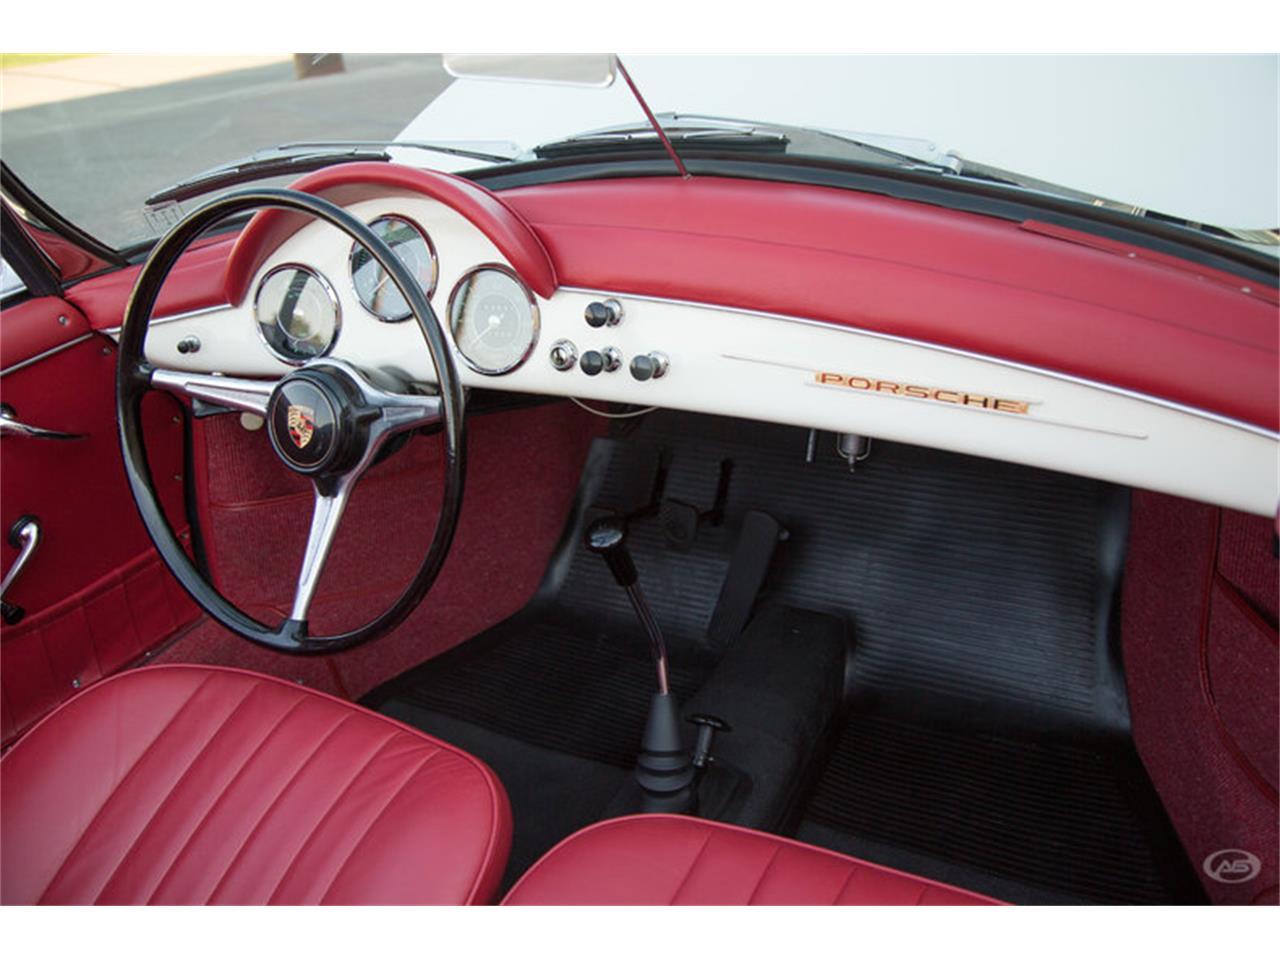 Large Picture of Classic 1961 Porsche 356B - $179,900.00 - LHC5